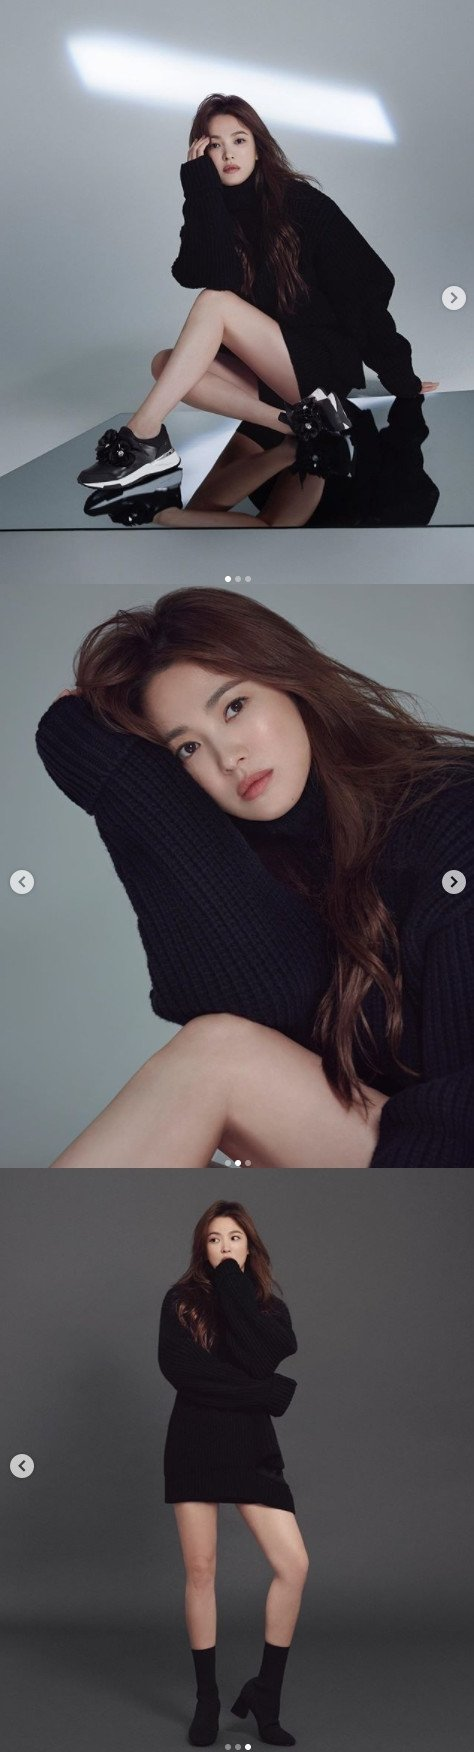 [N샷] 송혜교, 40대에도 여전한 동안 미모…각선미까지 '완벽'